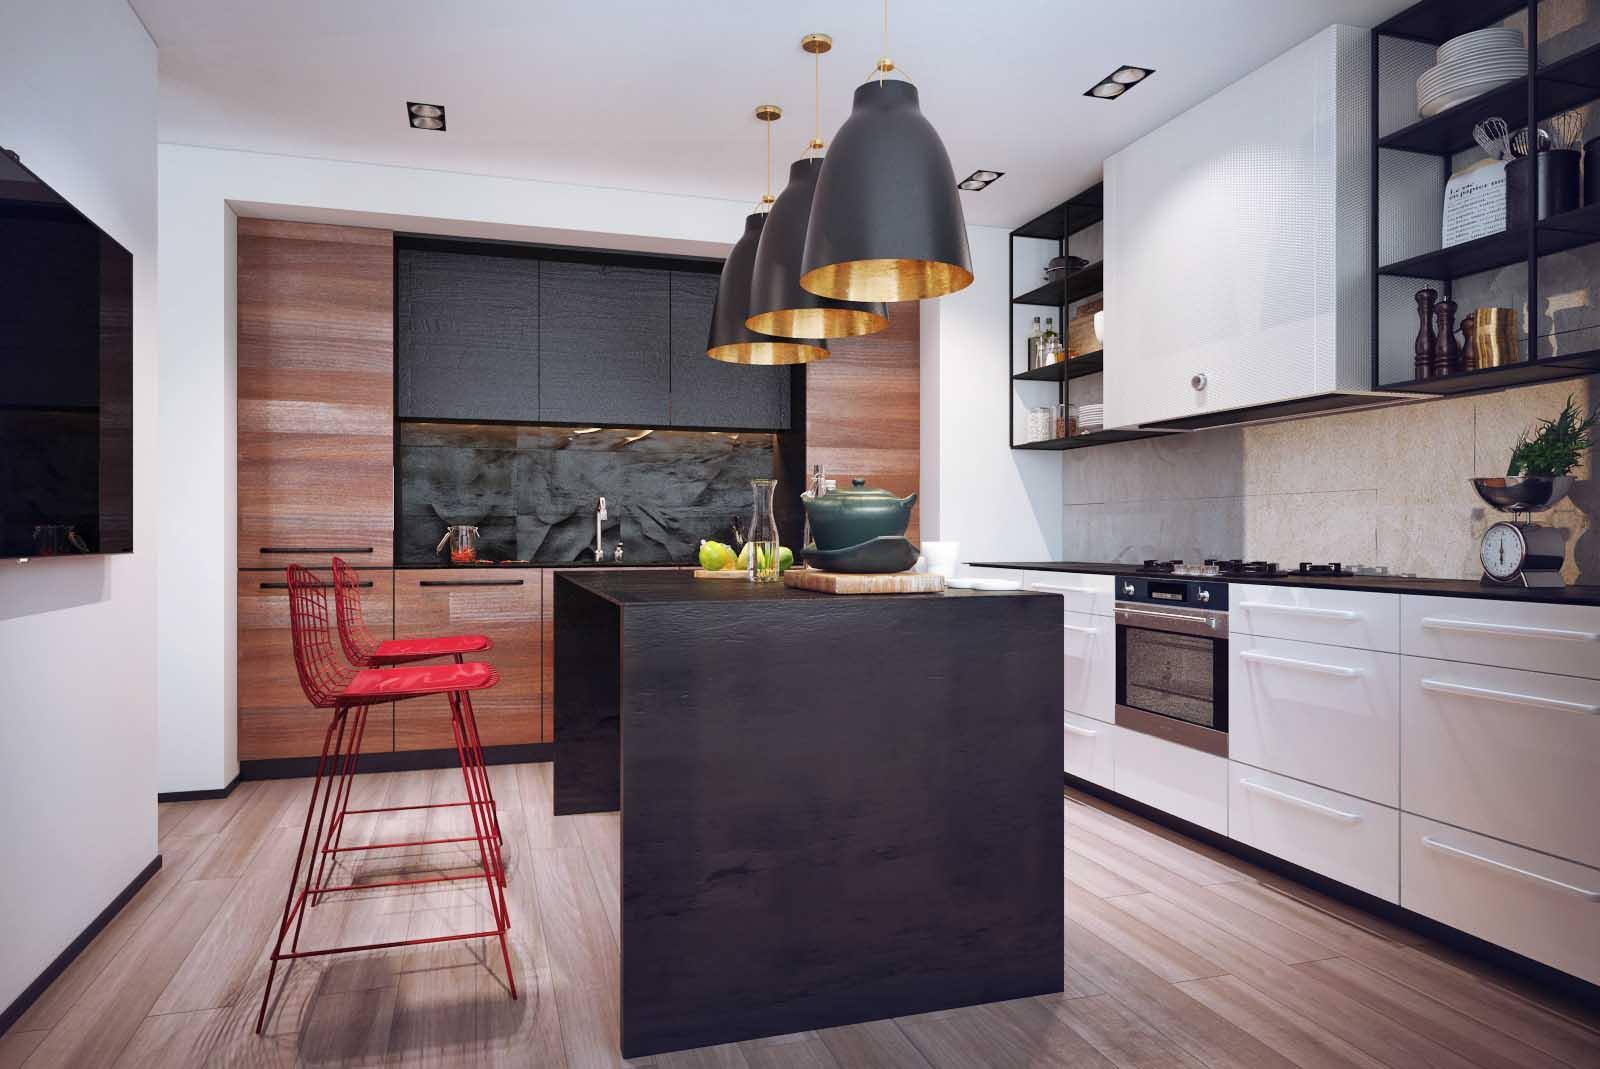 дизайн кухни 2019 современный